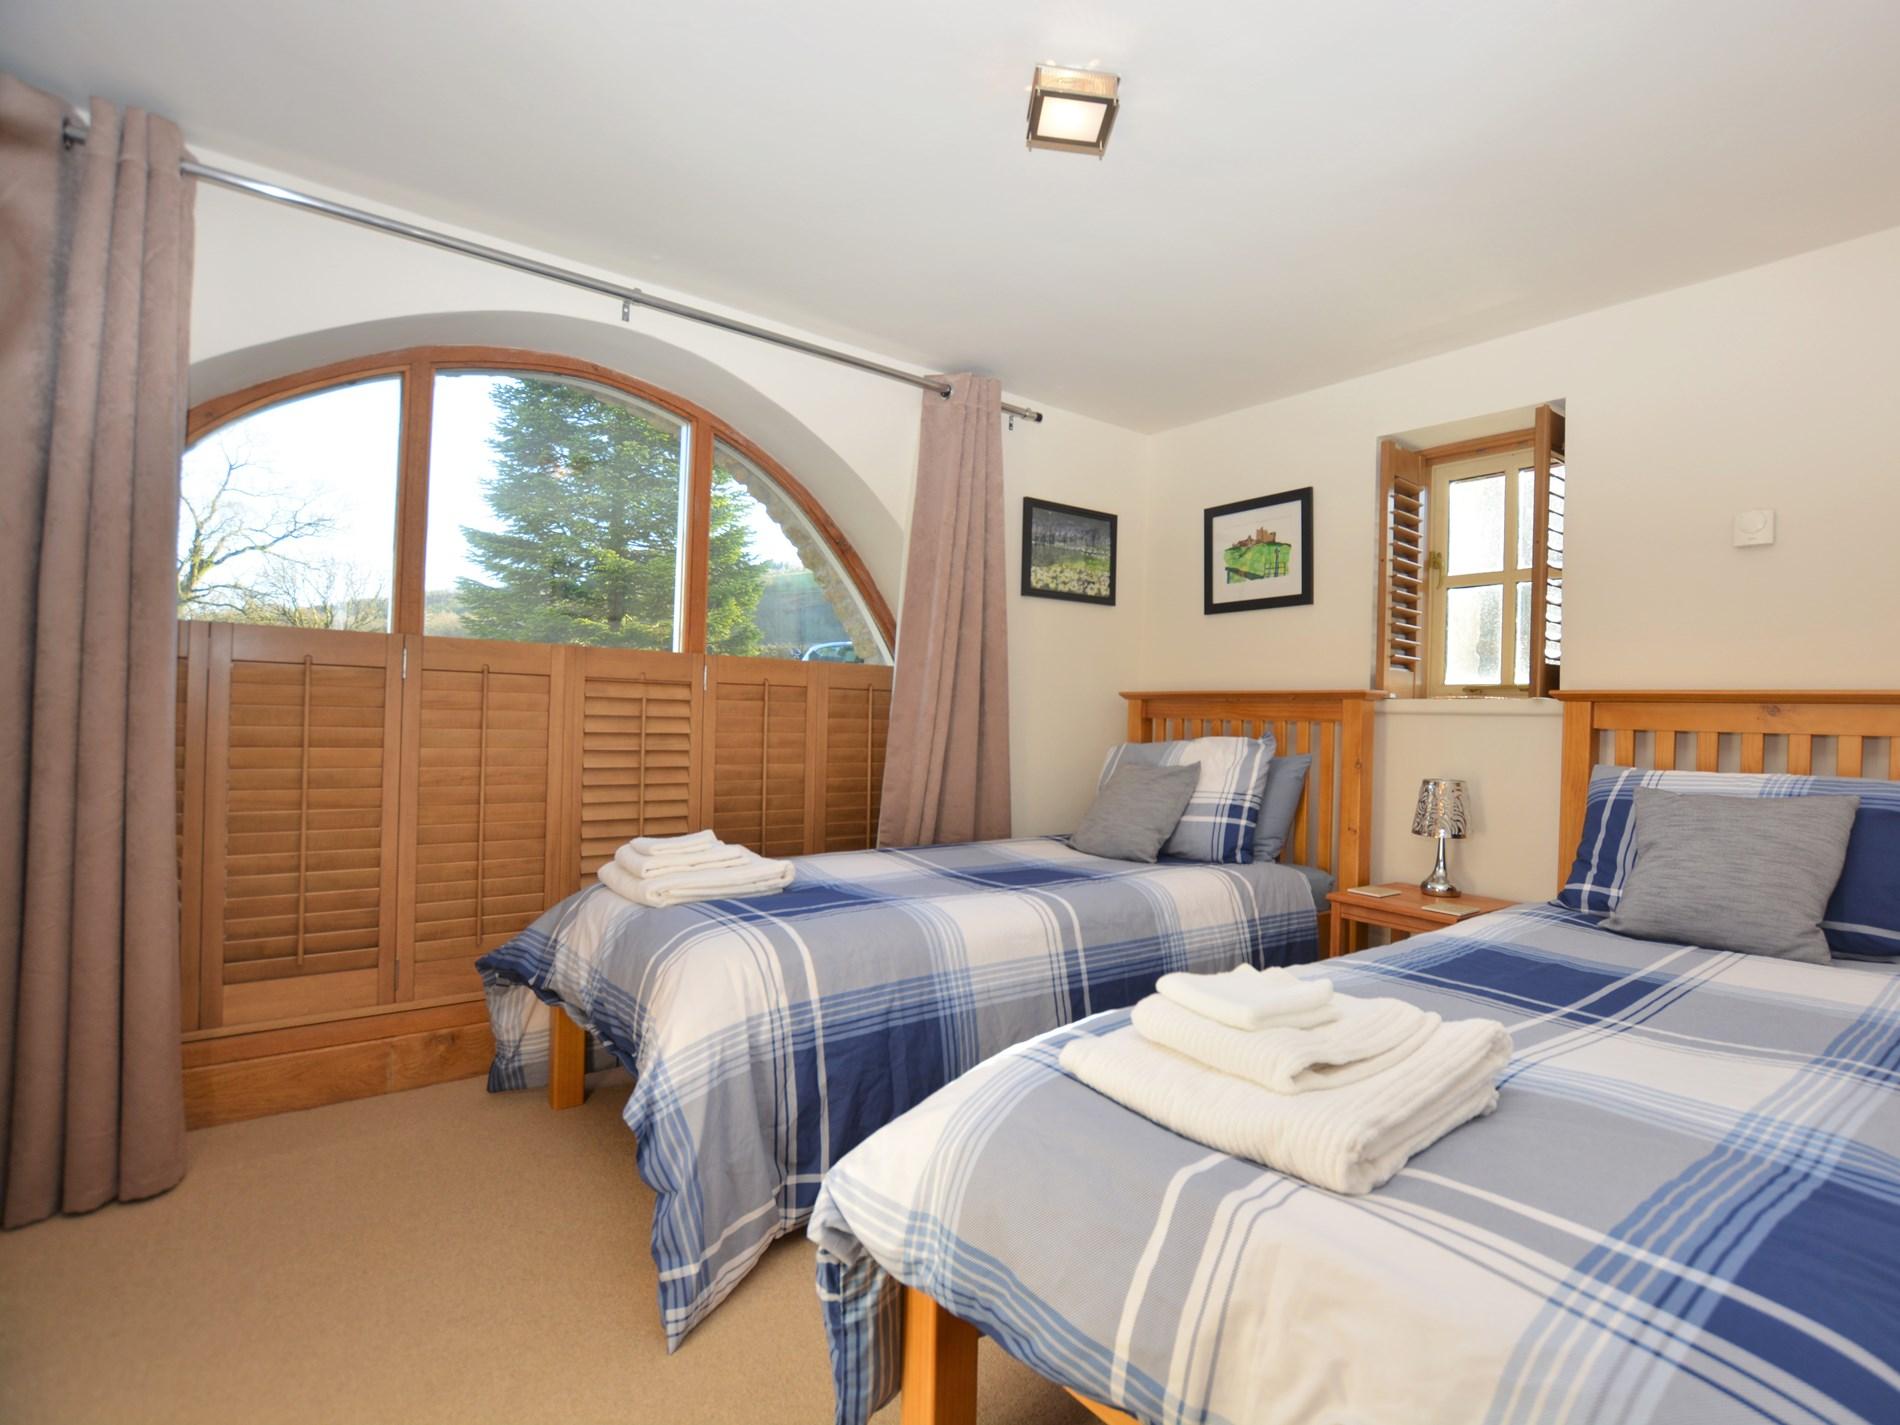 3 Bedroom Cottage in Llandeilo, Mid Wales